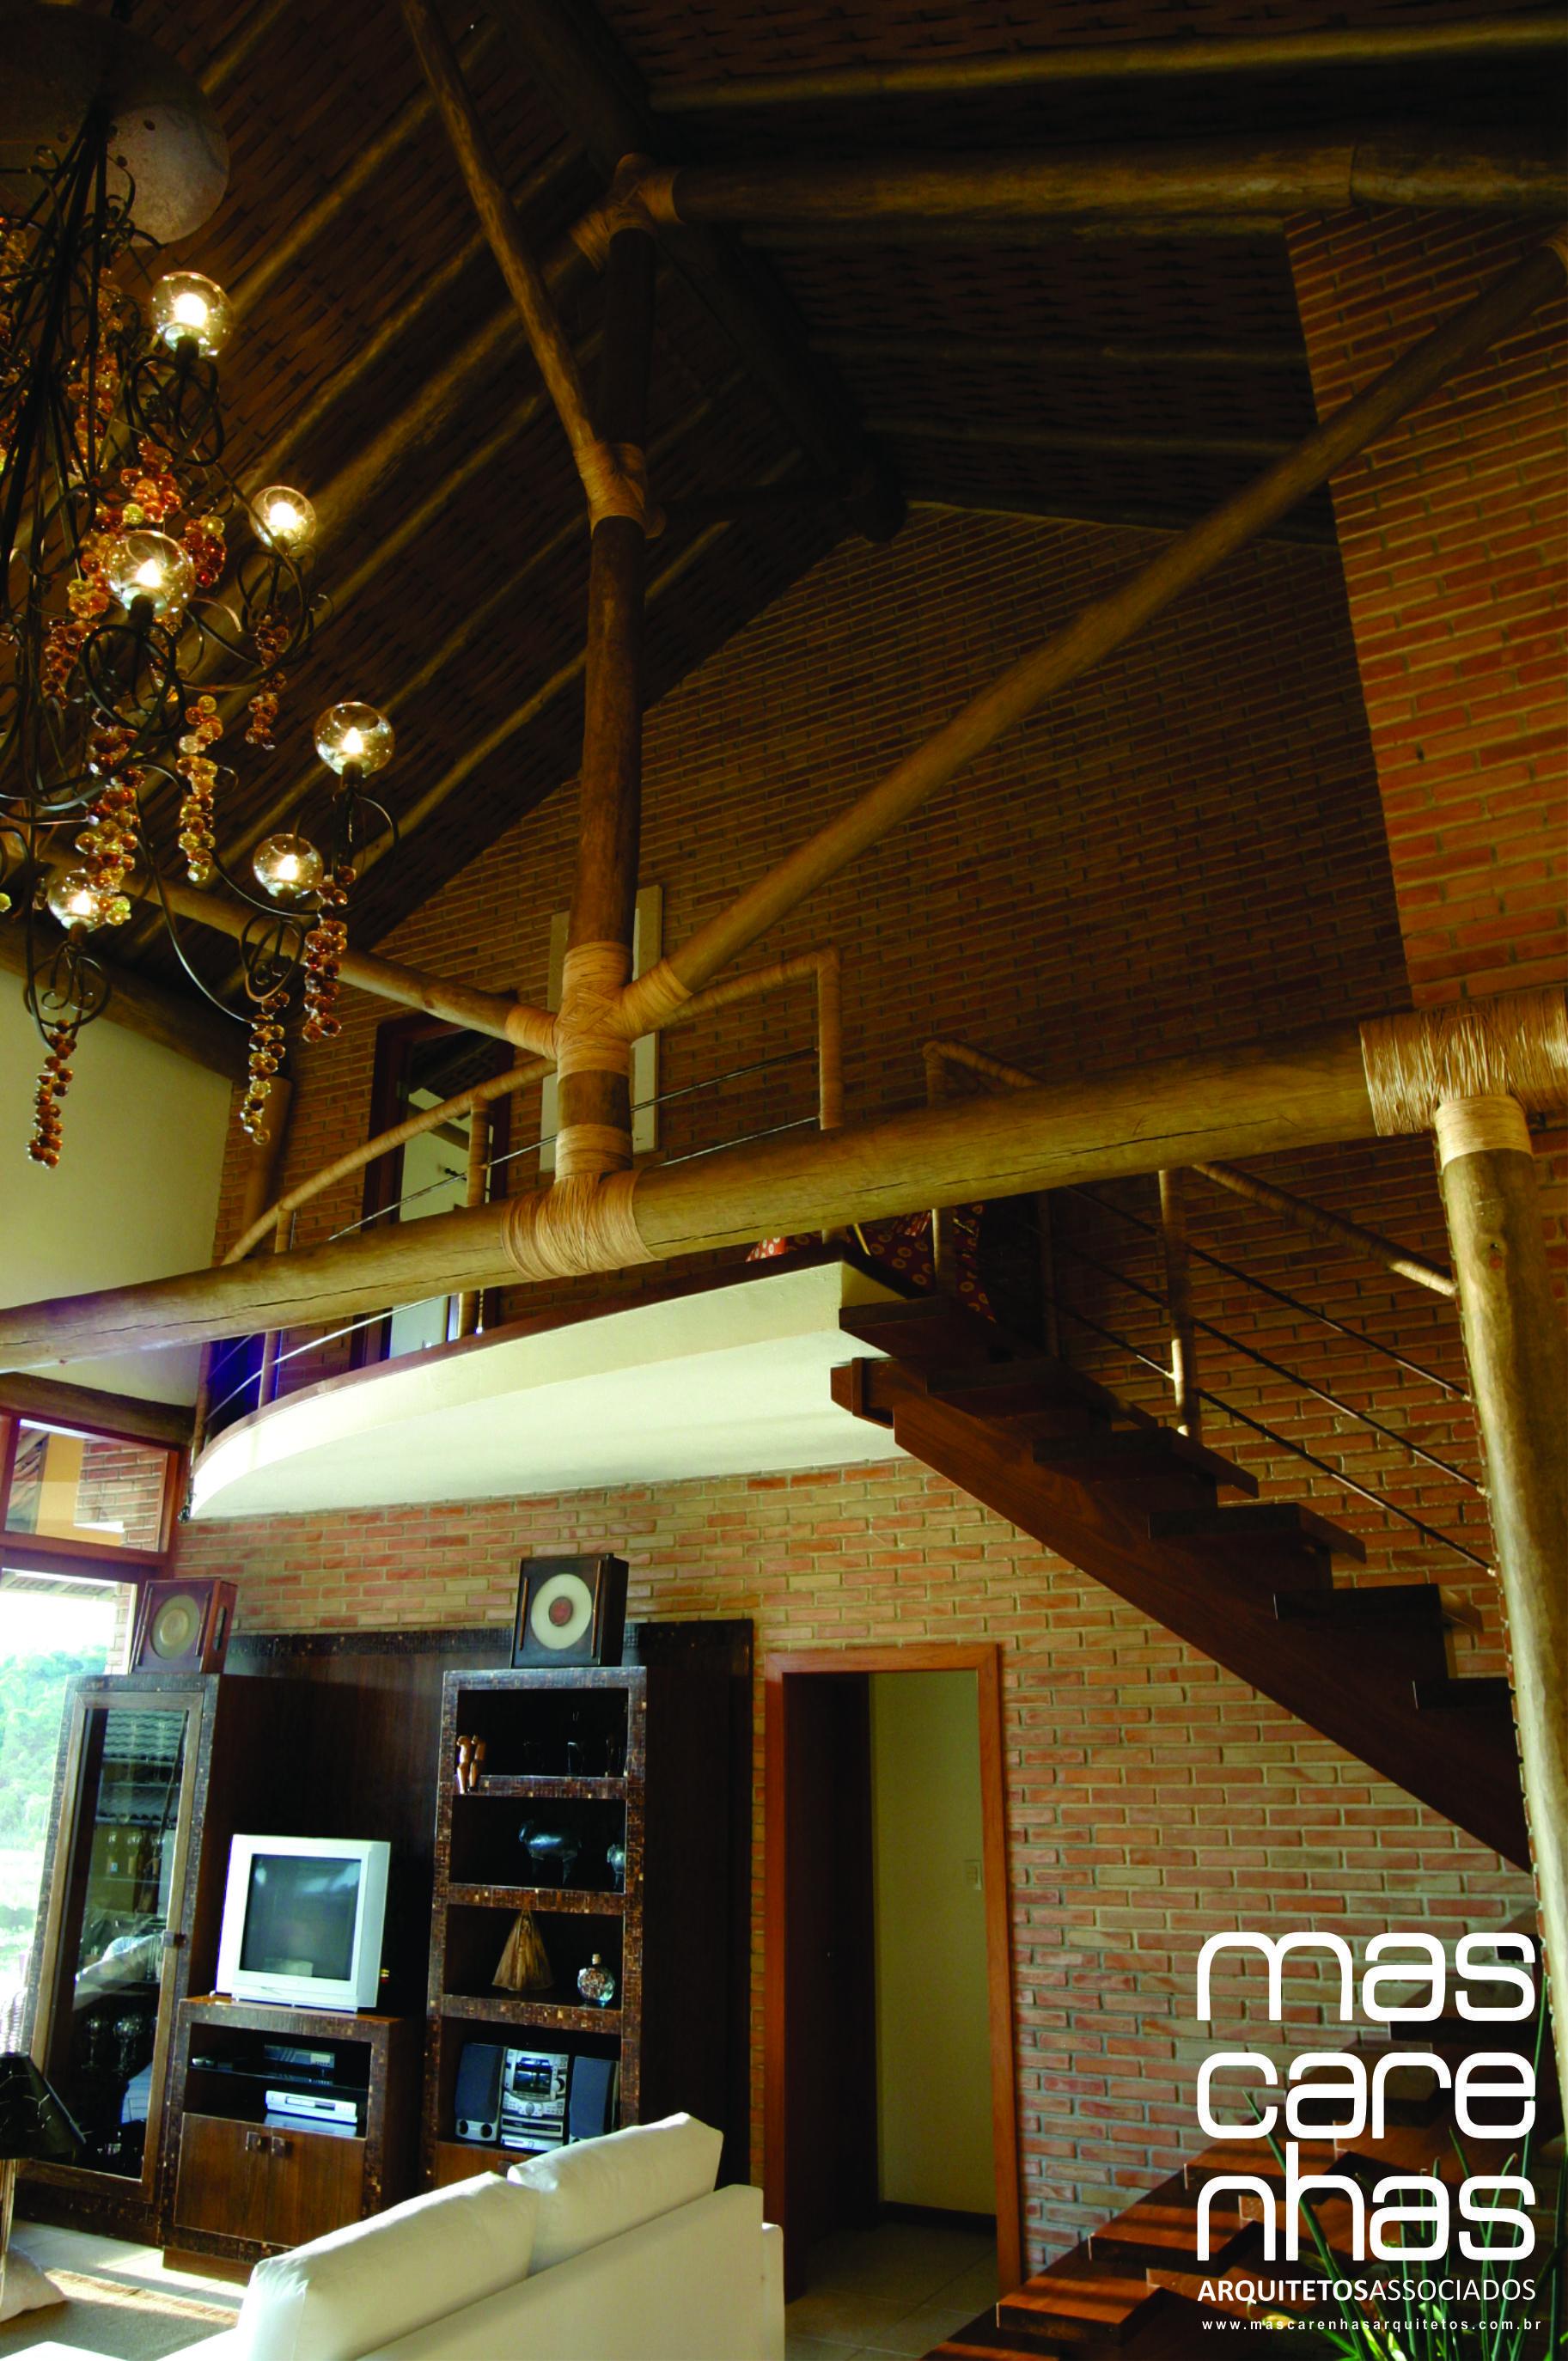 Residência LL - Juiz de Fora, Minas Gerais / Mascarenhas Arquitetos Associados Residência LL - Juiz de Fora, Minas Gerais / Mascarenhas Arquitetos Associados #arquitetura #architecture #madeira #wood #tijolo #brick